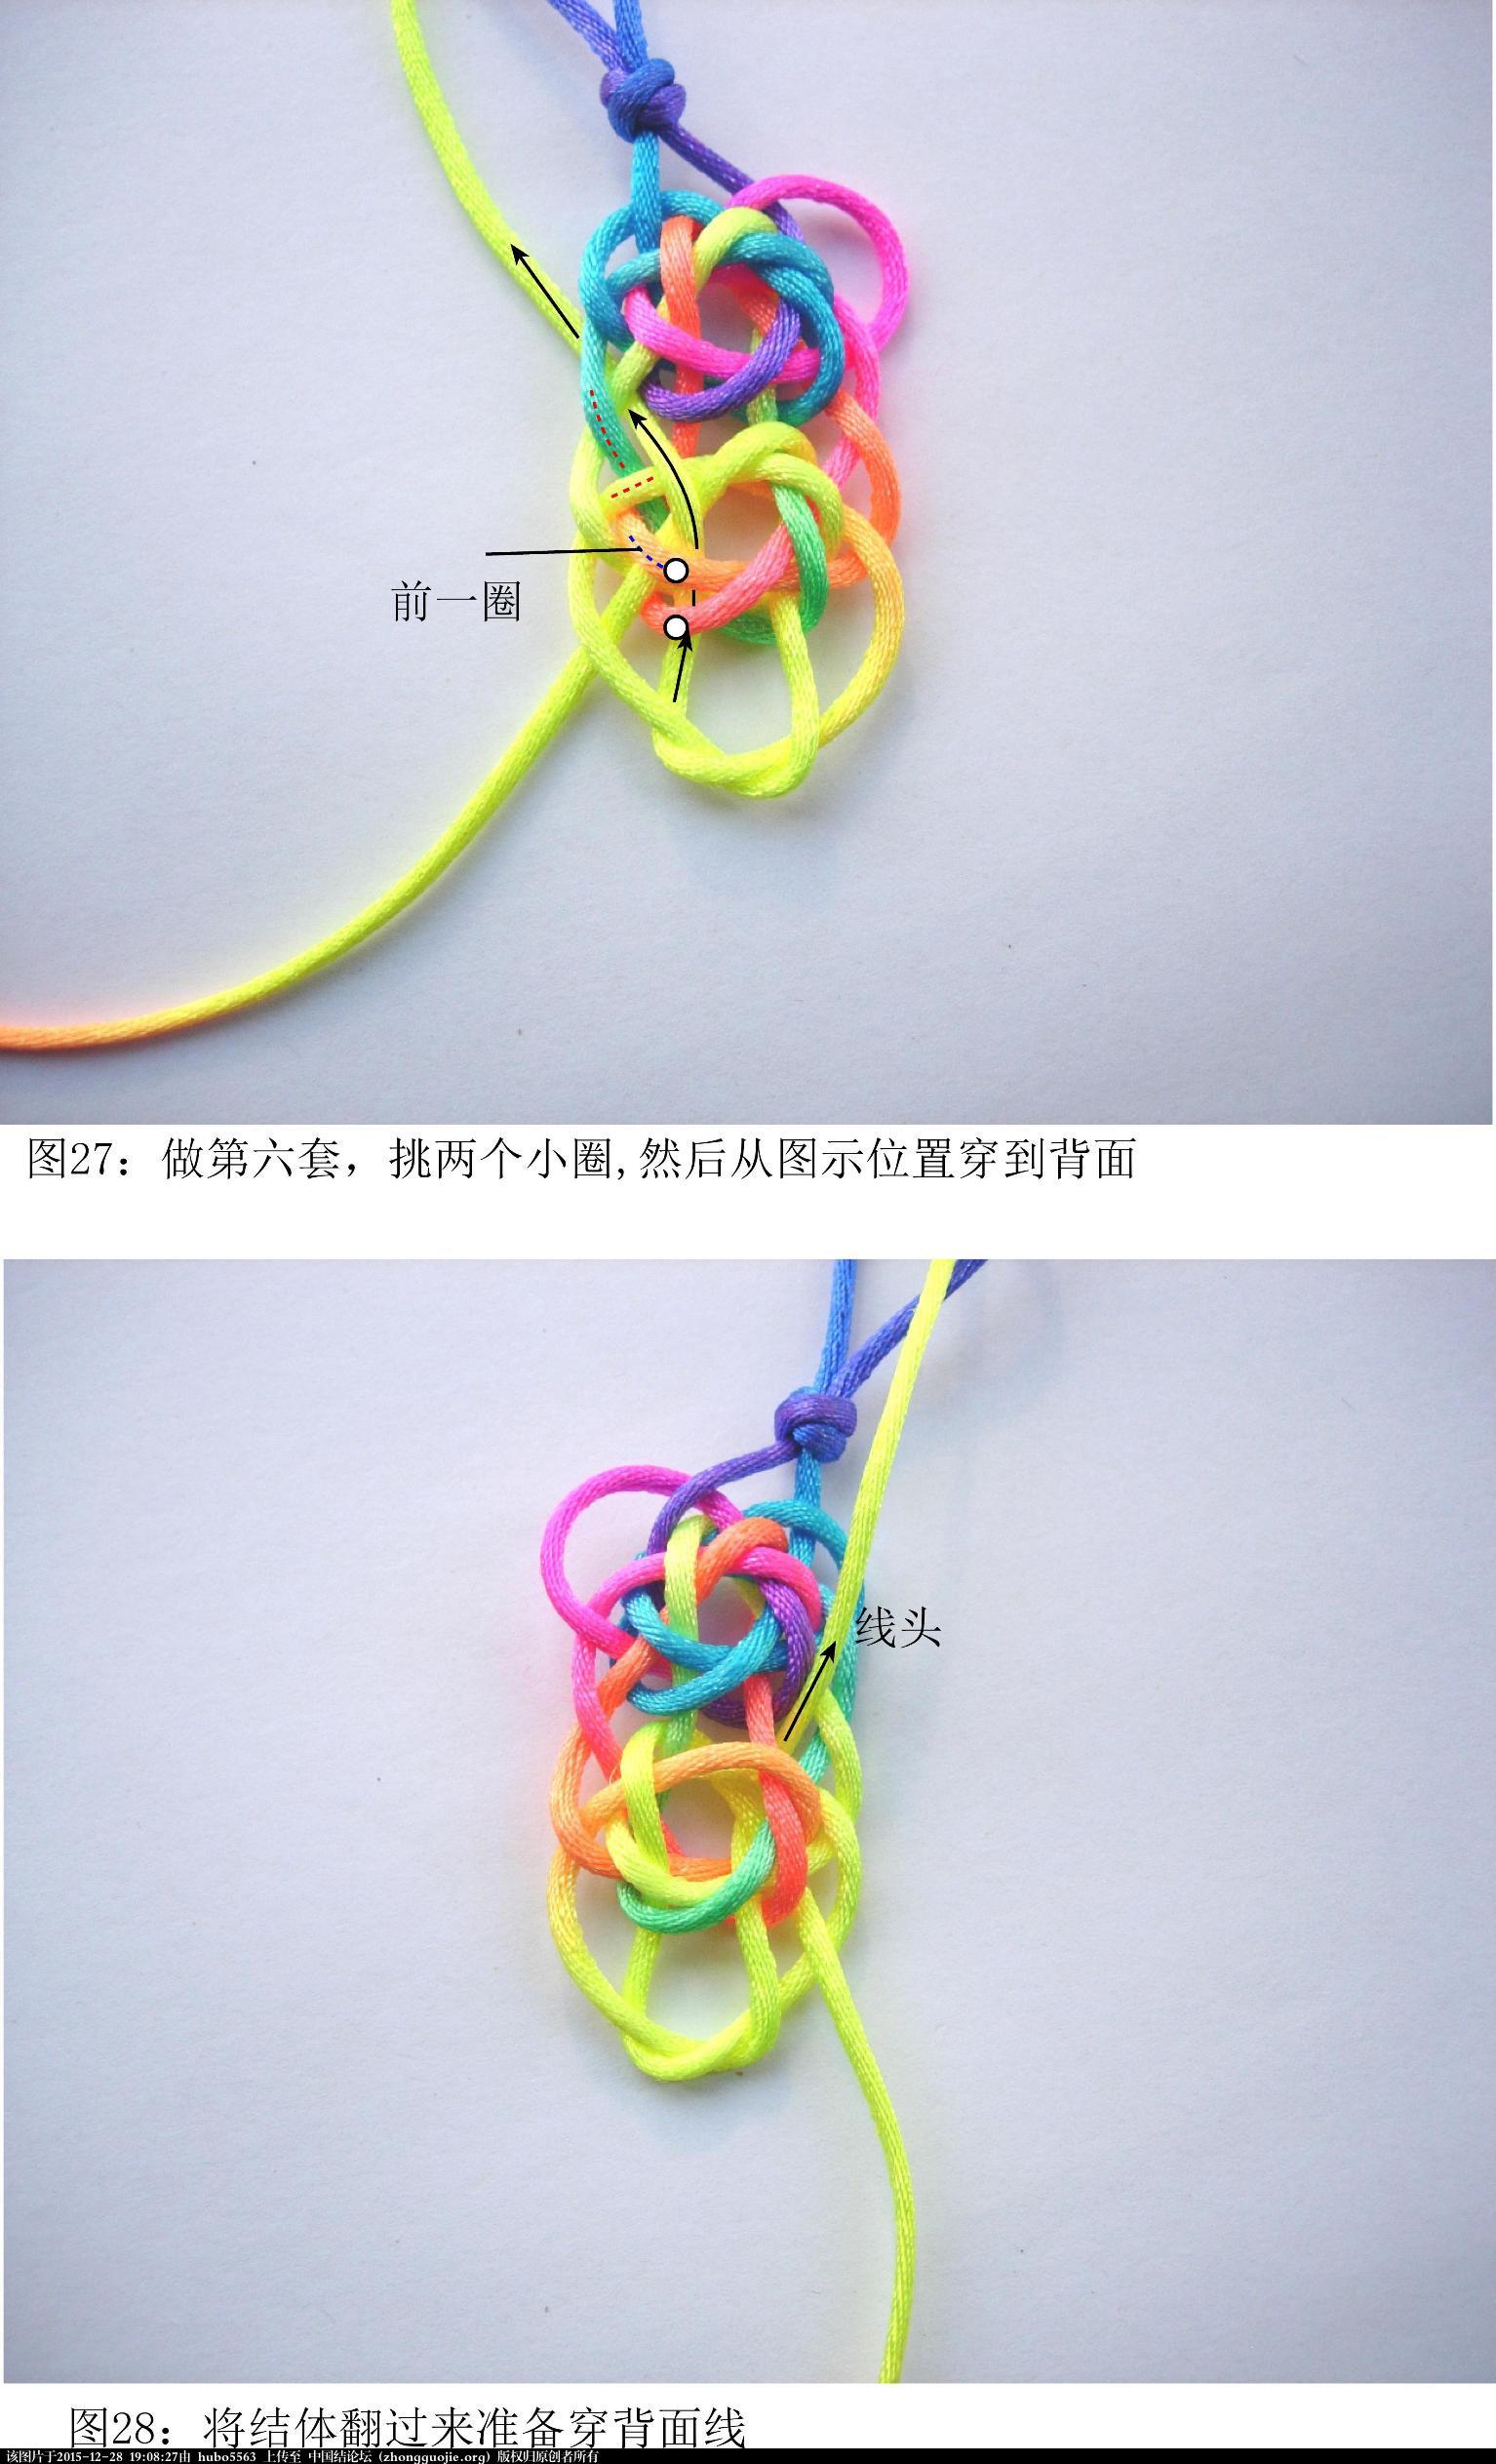 中国结论坛 叠翼六瓣锁条状连体徒手编法  丑丑徒手编结 190532r3xovv7x341v2a2b